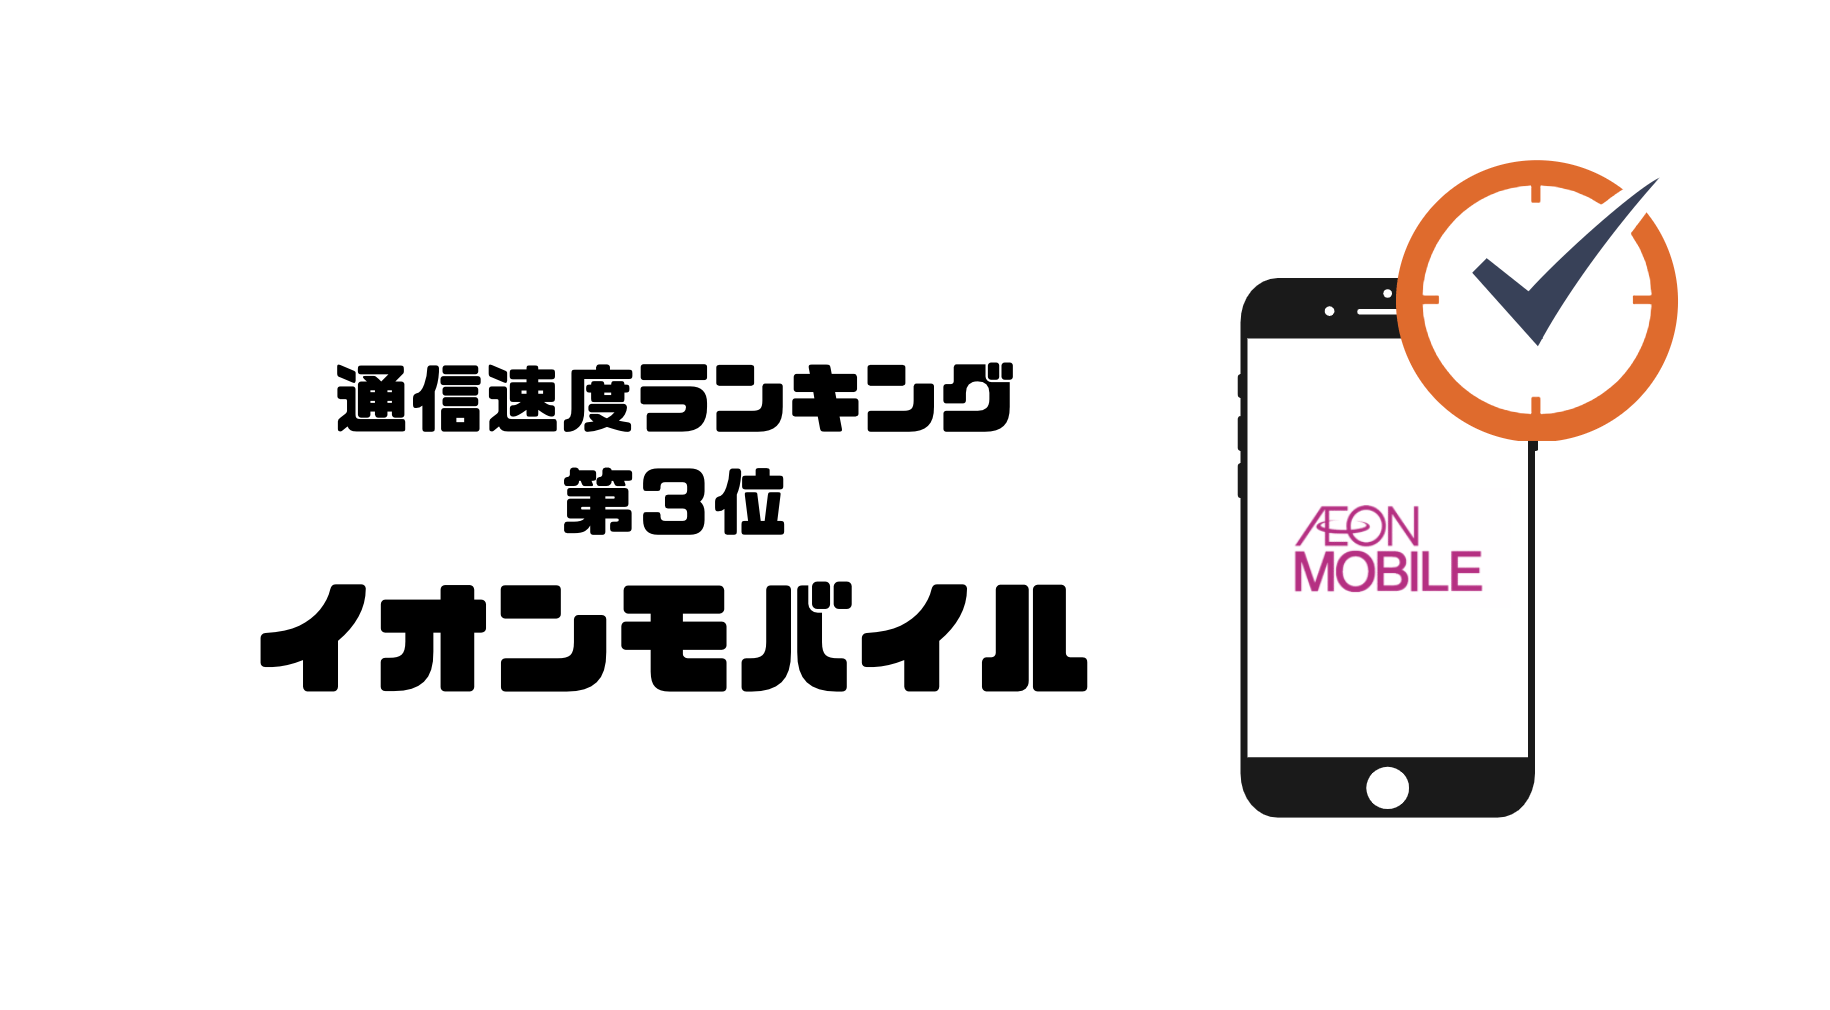 格安SIM_おすすめ_通信速度_第3位_イオンモバイル_ieonmobile